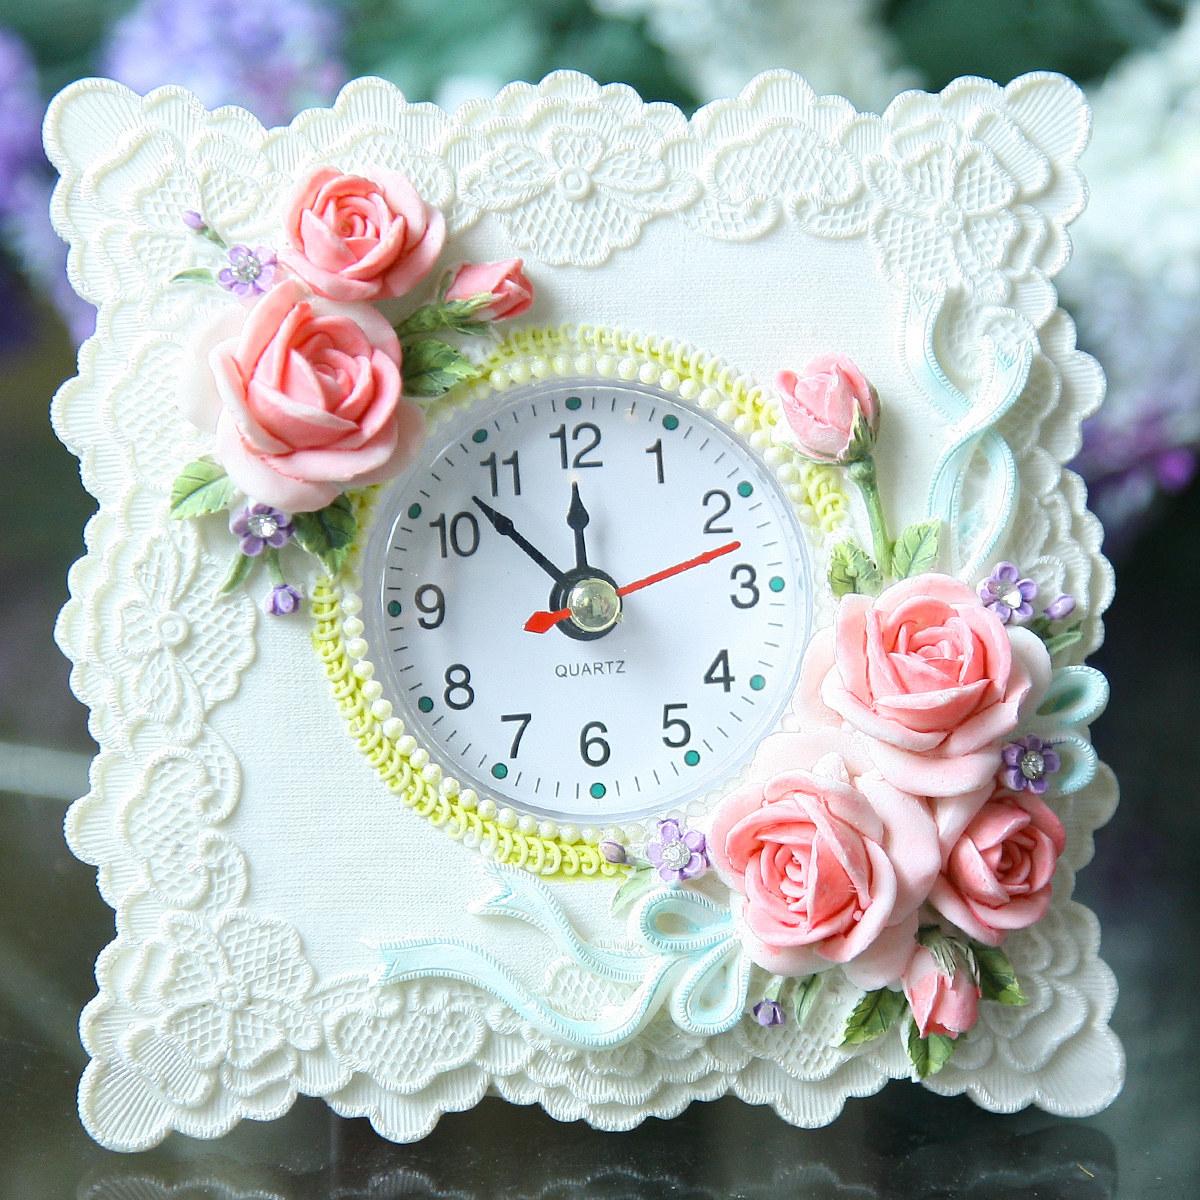 Цвет: Сливочно белые небольшие настольные часы